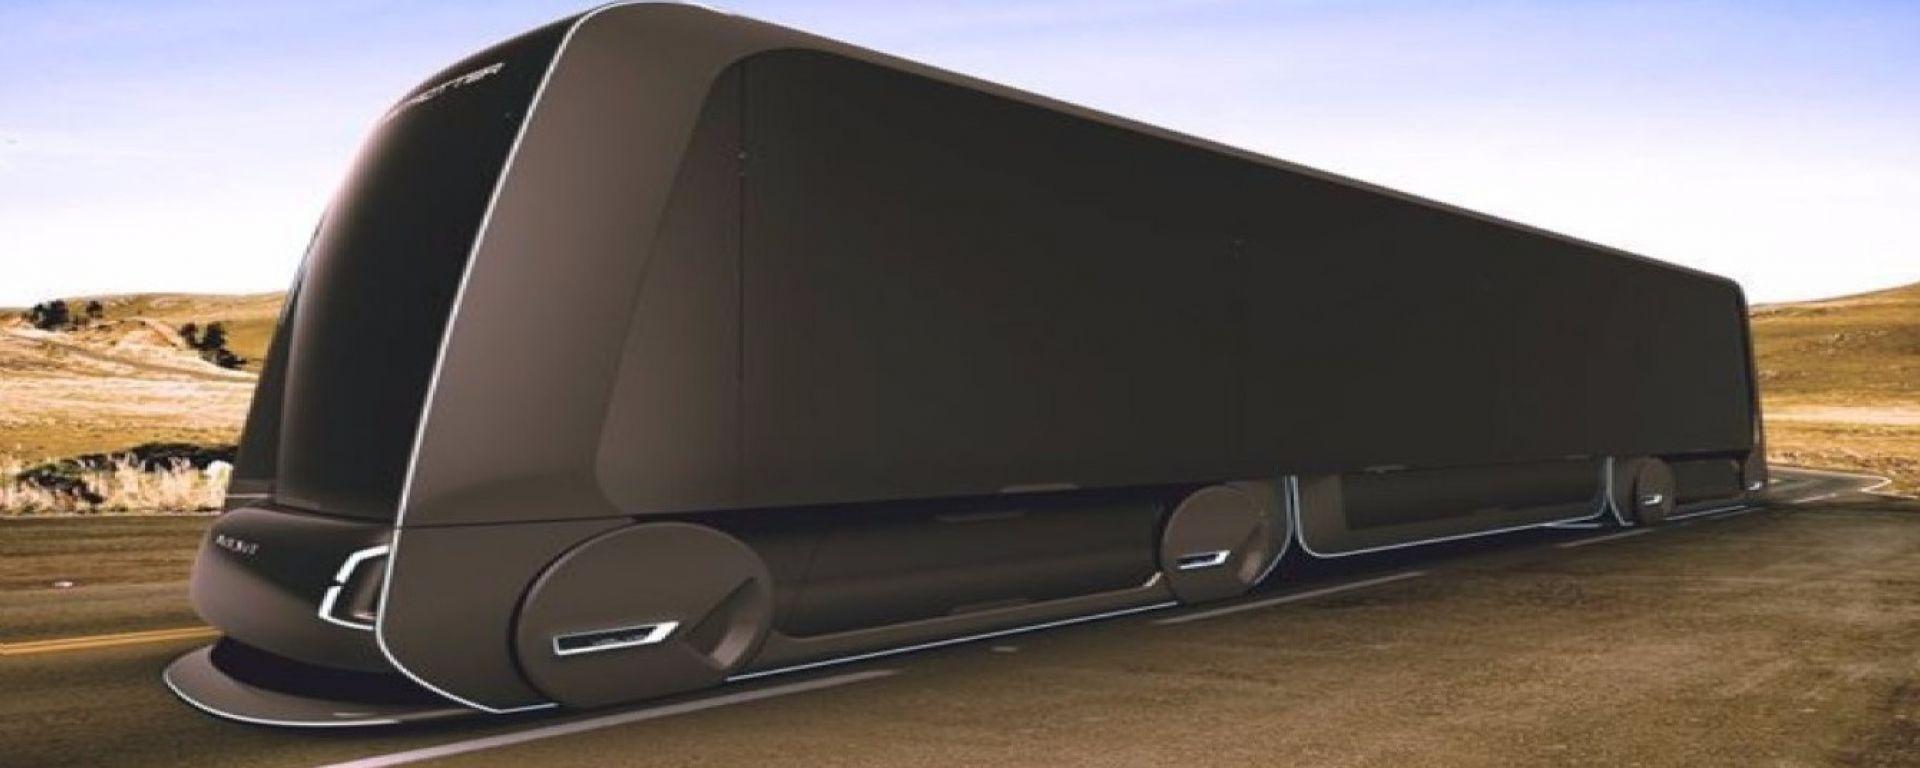 La prossima Tesla? Sarà un autotreno elettrico